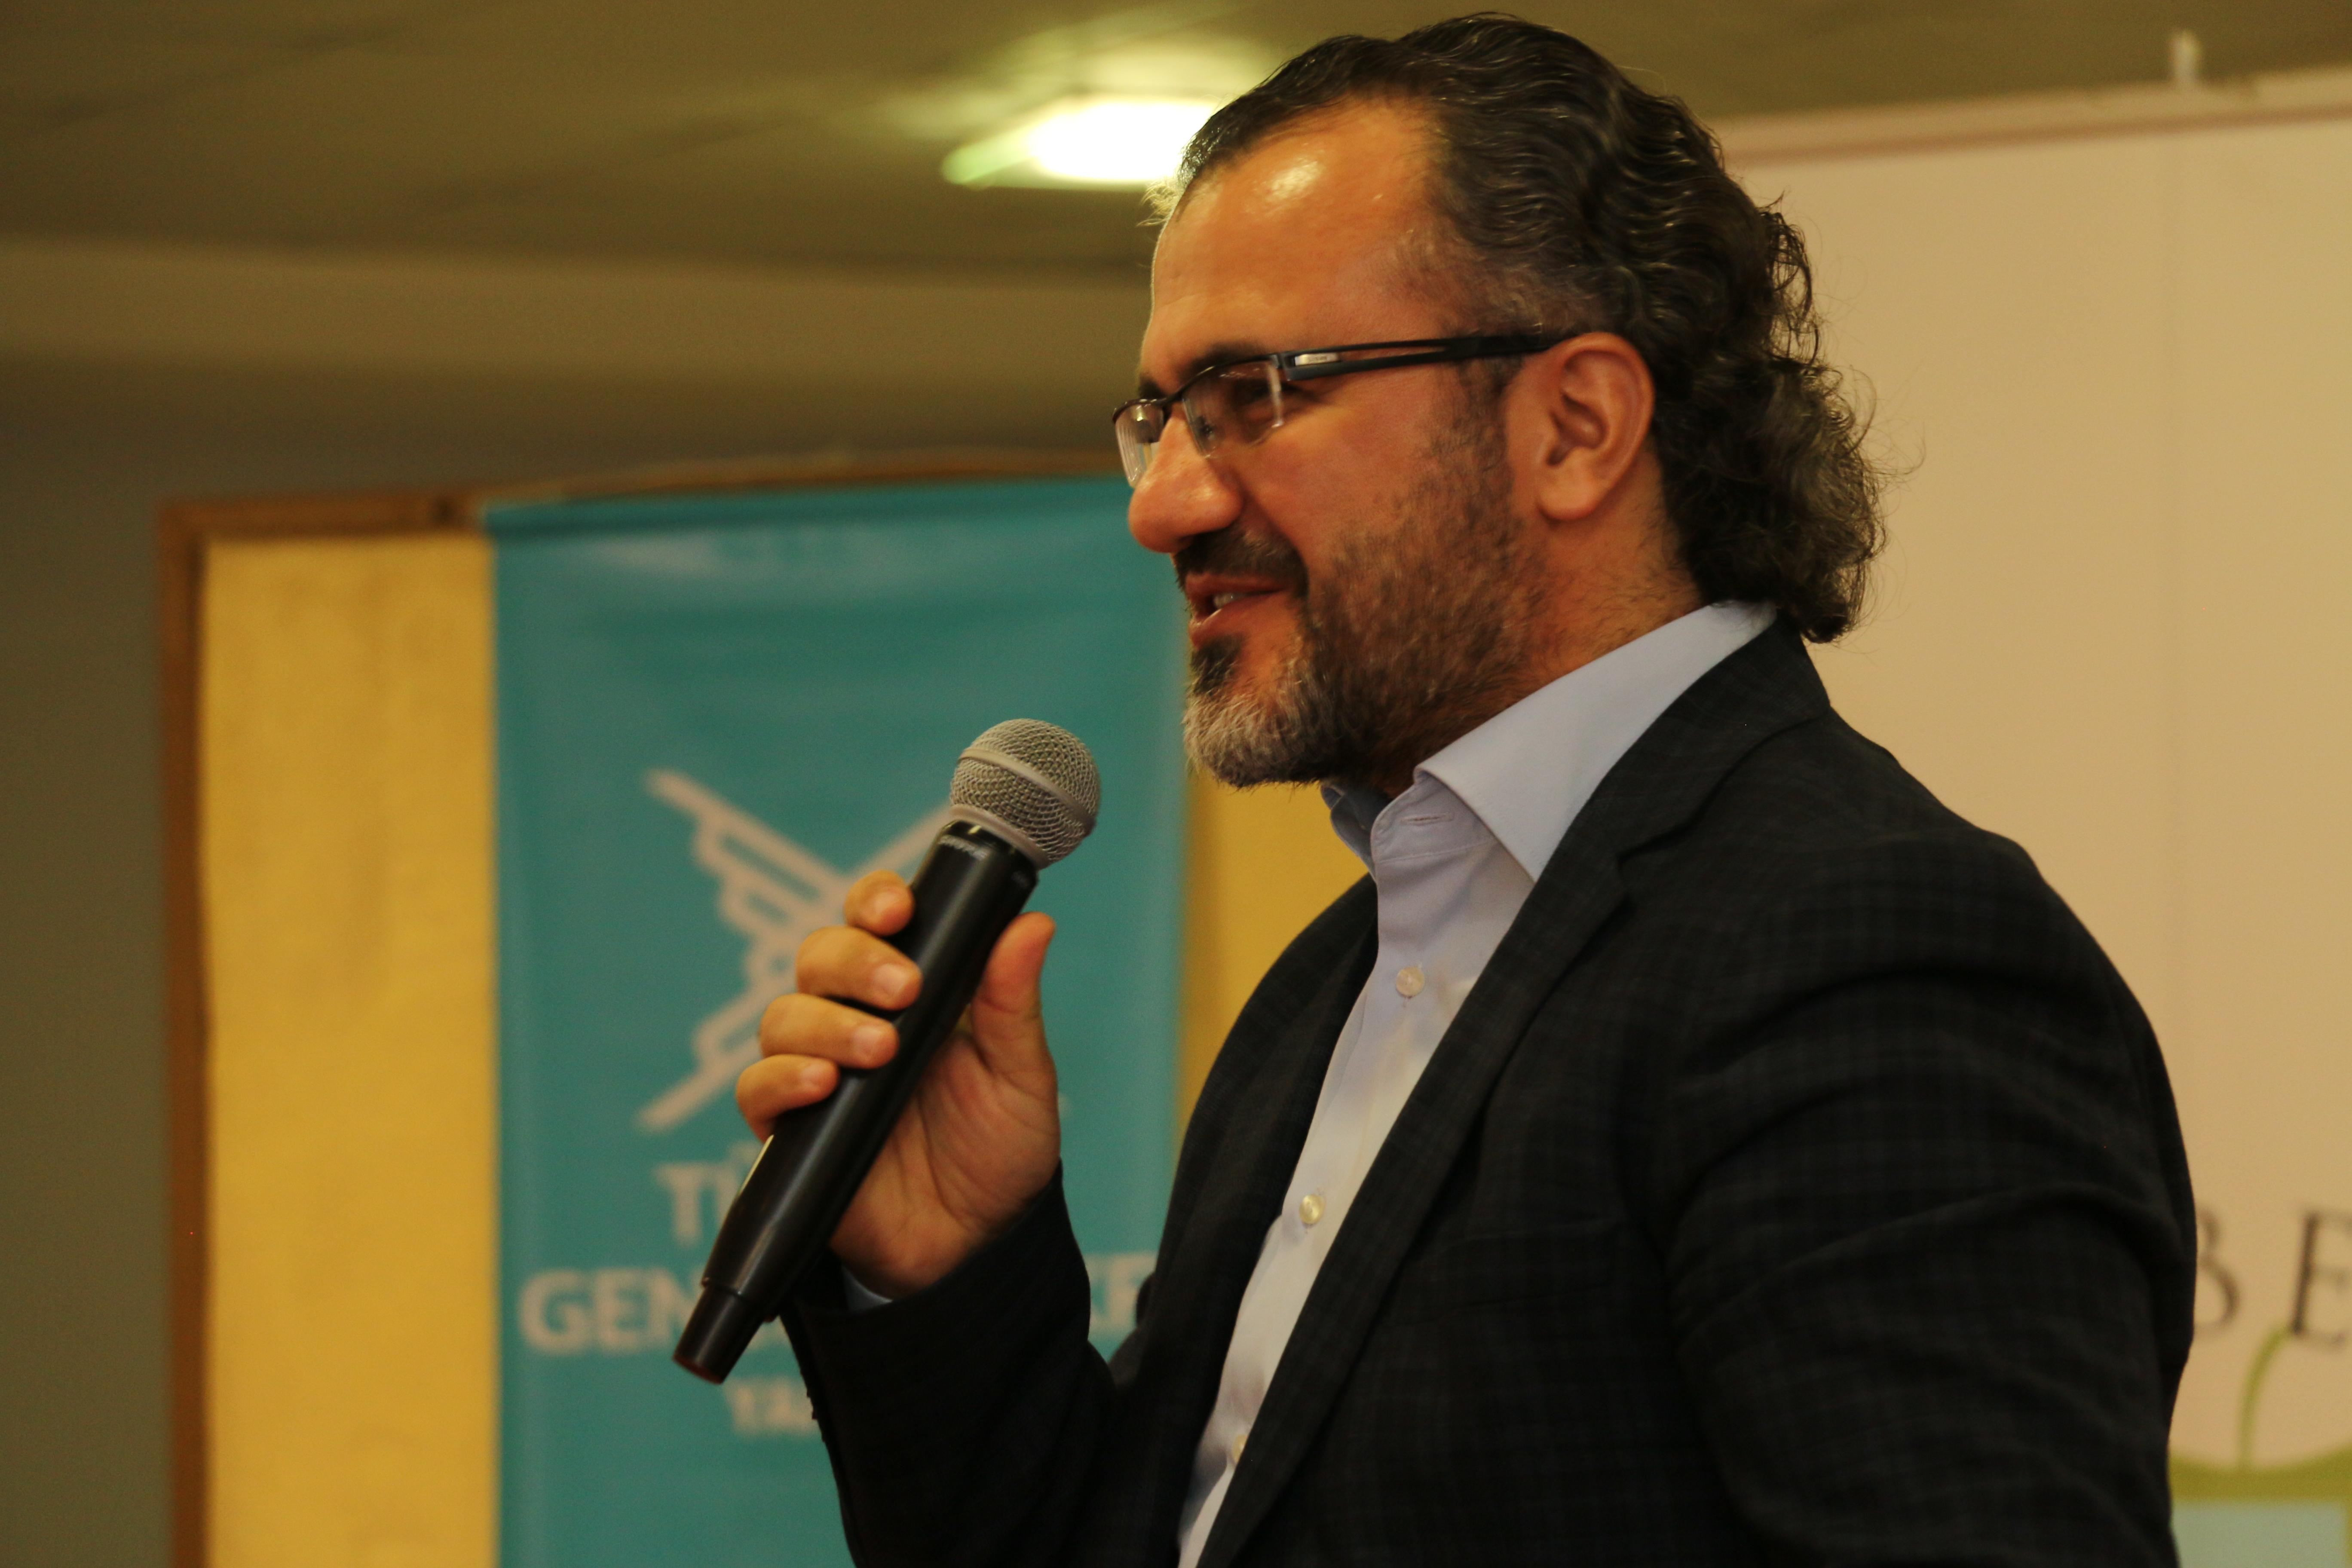 Kayseri'nin Yahyalı İlçesinde Kişisel Gelişim Uzmanı Sıtkı Aslanhan'ın konuşmacı olarak katıldığı 'Bilinçli Aile, İdeal Gençlik' konulu konferans düzenlendi. Yahyalı Belediyesi ve Türkiye Gençlik Vakfı (TÜGVA) işbirliği ile düzenlenen konferans, Kadın […]